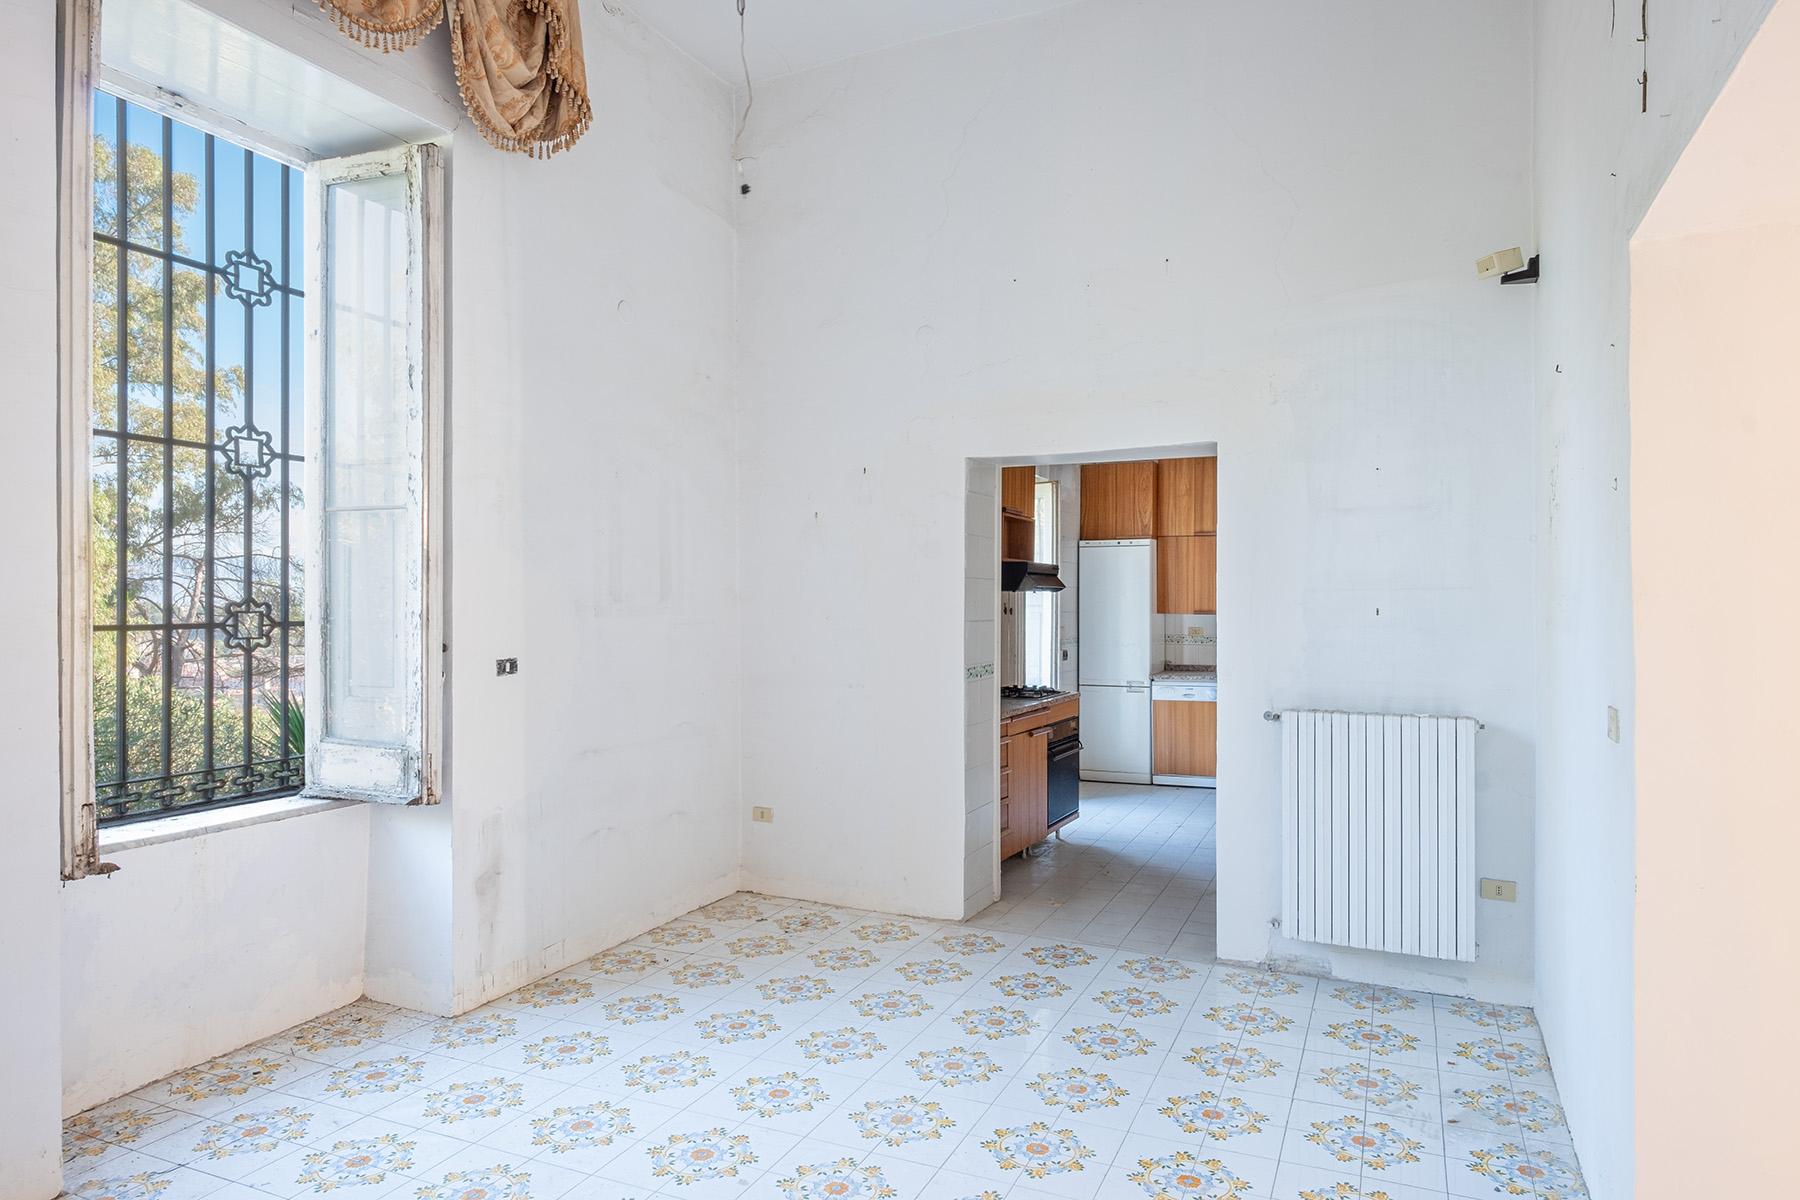 Casa indipendente in Vendita a Napoli: 5 locali, 300 mq - Foto 21